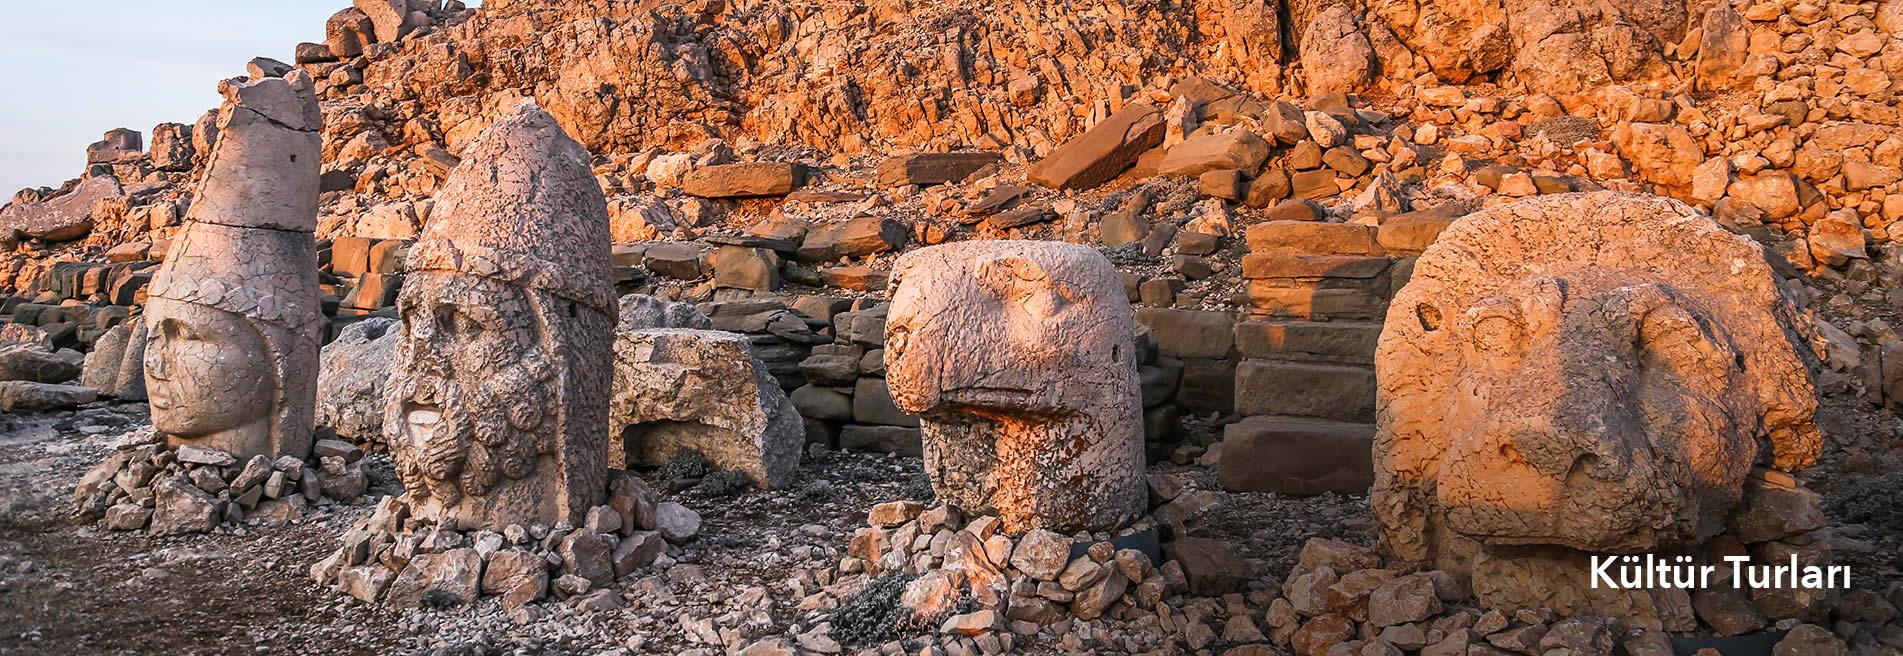 tum-yurtici-kultur-turlari